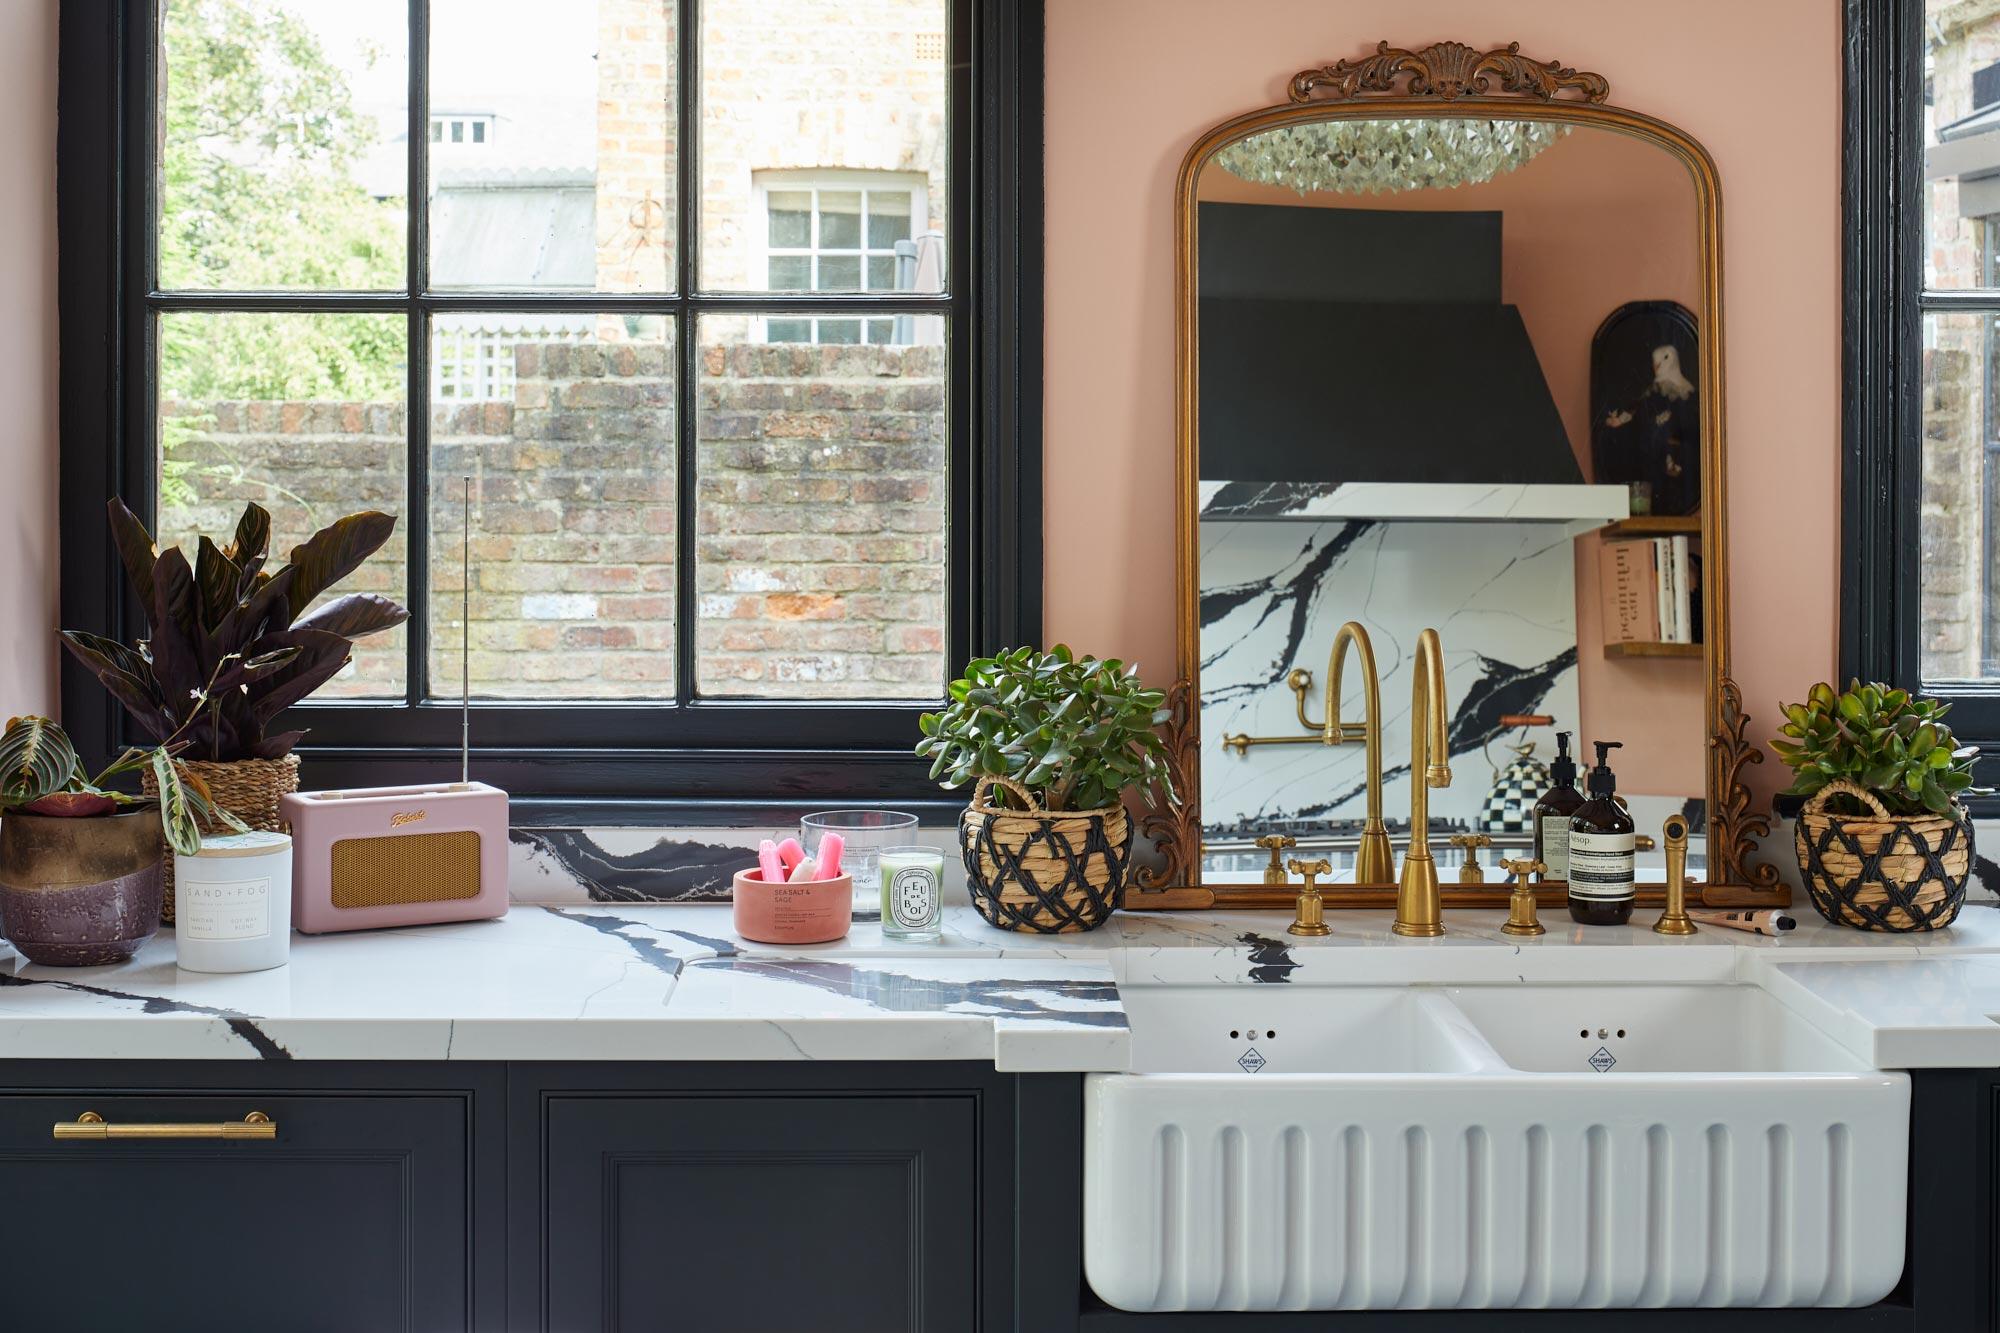 Ribchester Shaws kitchen sink